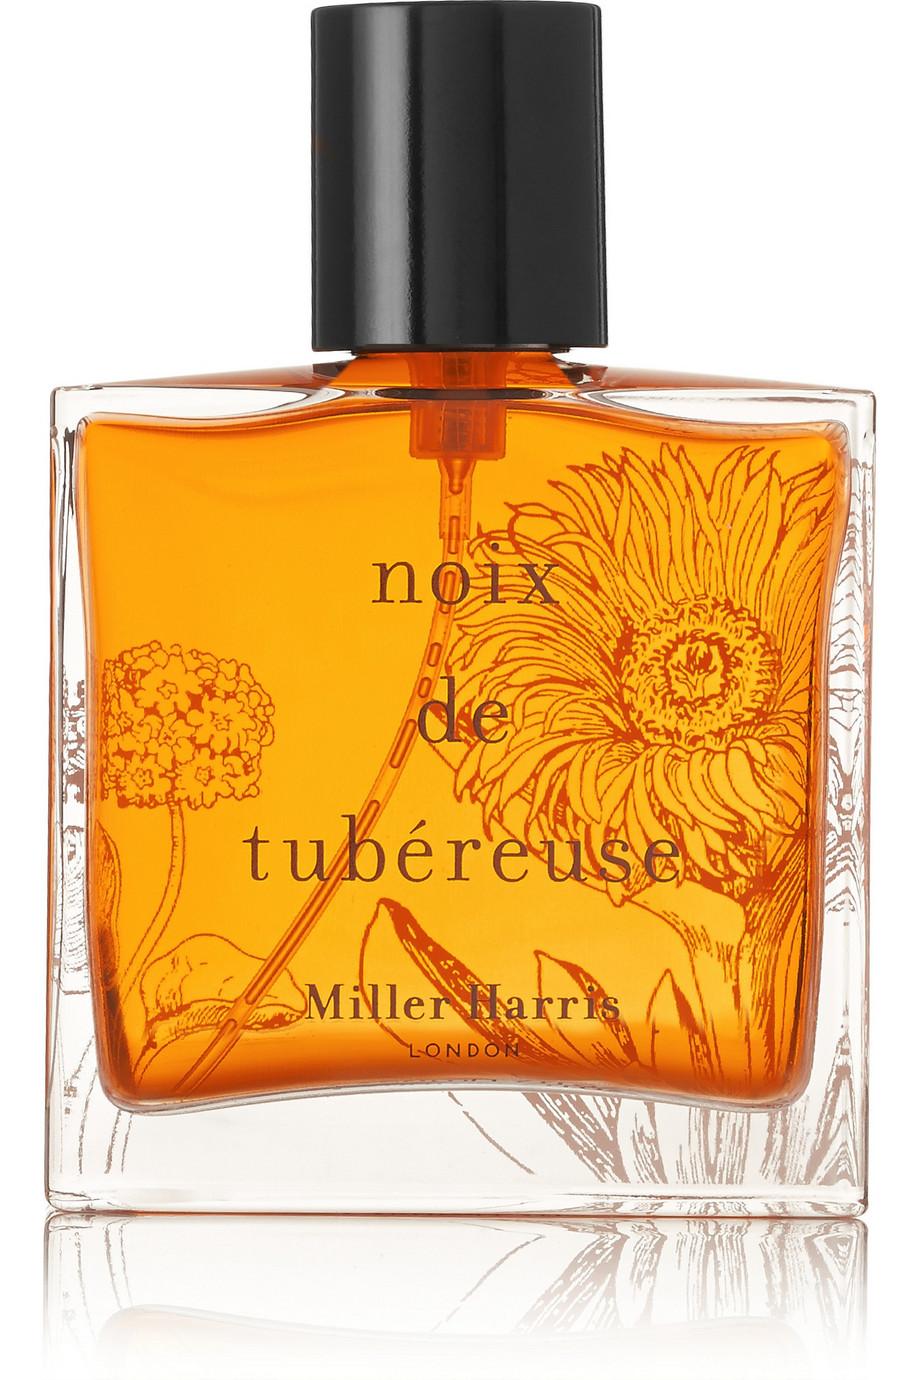 Noix De Tubéreuse Eau De Parfum - Tuberose Absolut & Vanilla, 50ml